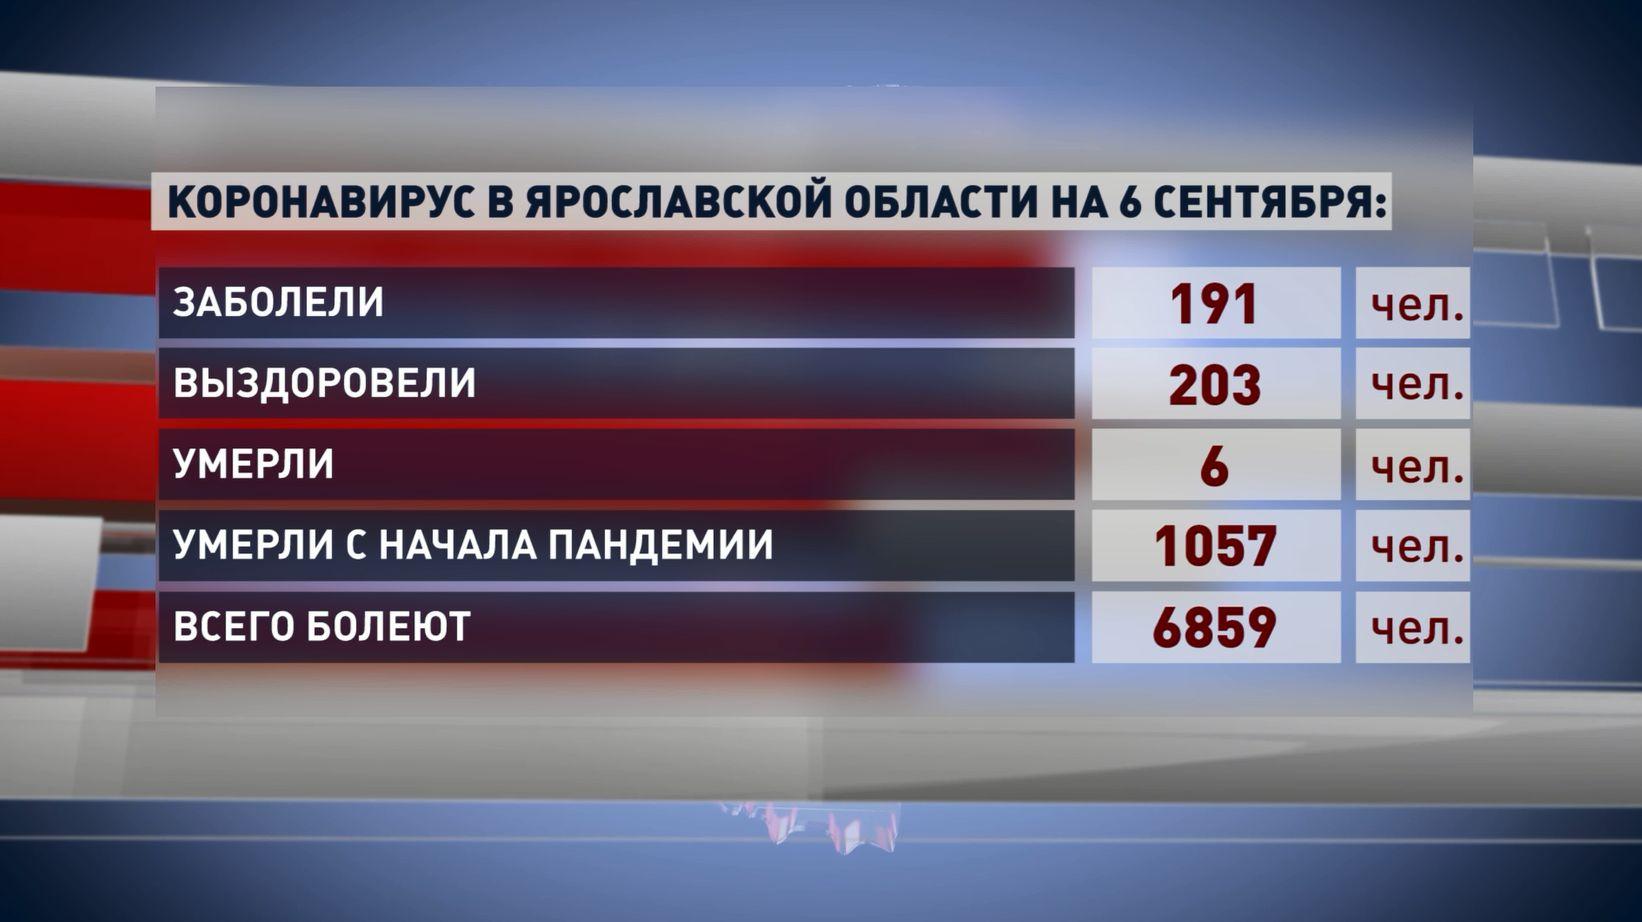 Всего с начала периода пандемии число жертв от ковида в Ярославской области превышает 1000 человек